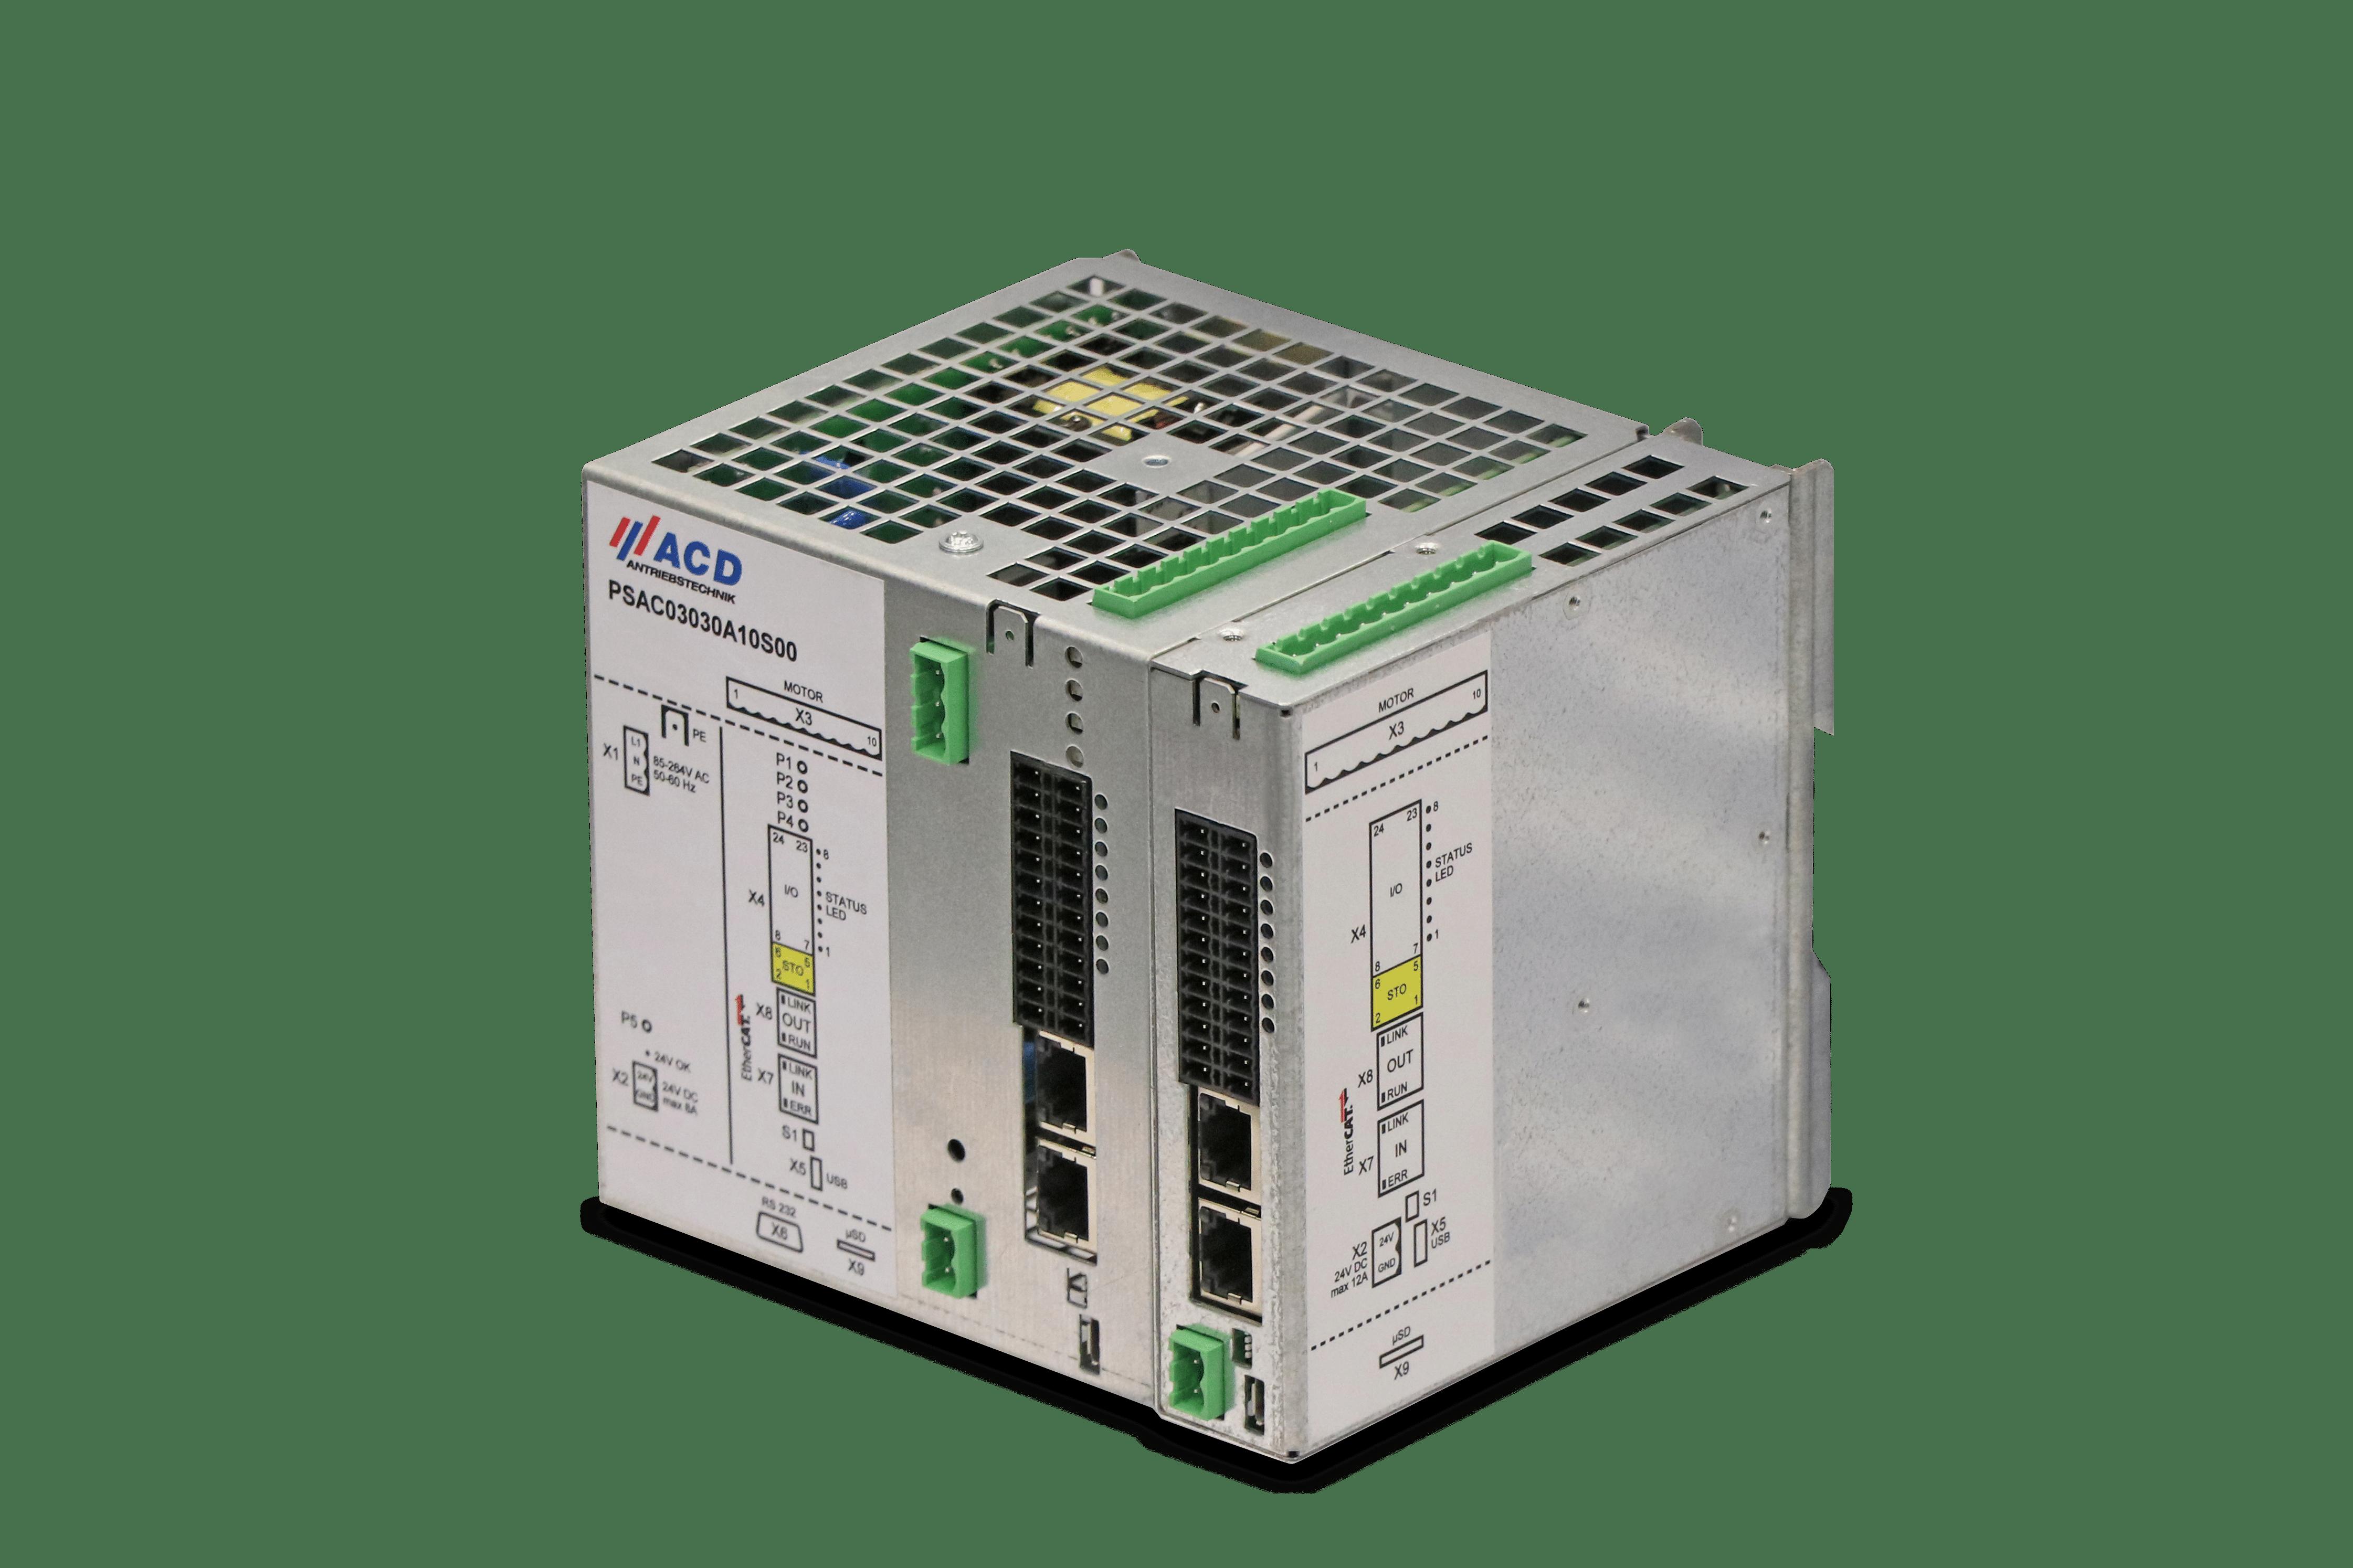 Netzteil und Antriebsregelgerät PSAC03030A01S00